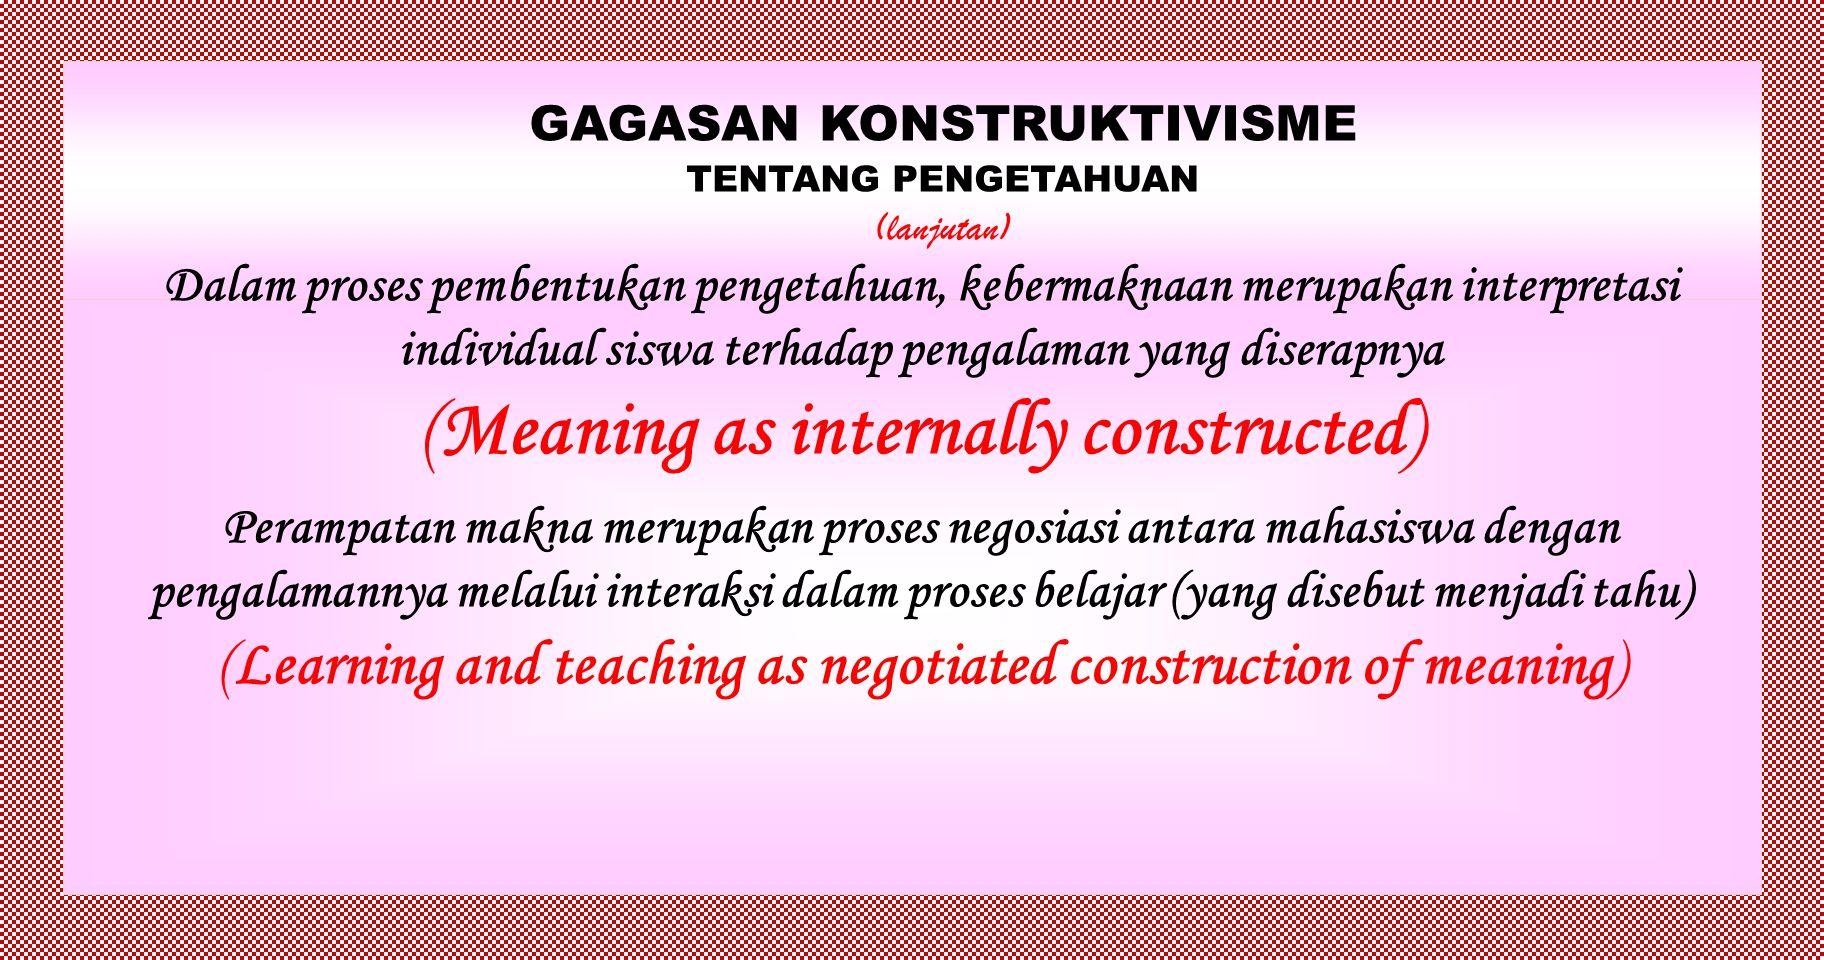 GAGASAN KONSTRUKTIVISME TENTANG PENGETAHUAN (lanjutan) Siswa mengkonstruksi skema kognitif, kategori, konsep, dan struktur dalam membangun pengetahuan, sehingga setiap siswa memiliki skema kognitif, kategori, konsep, dan struktur yang berbeda Dalam hal ini, proses abstraksi dan refleksi menjadi sangat berpengaruh dalam konstruksi pengetahuan (Reflection / abstraction as primary)